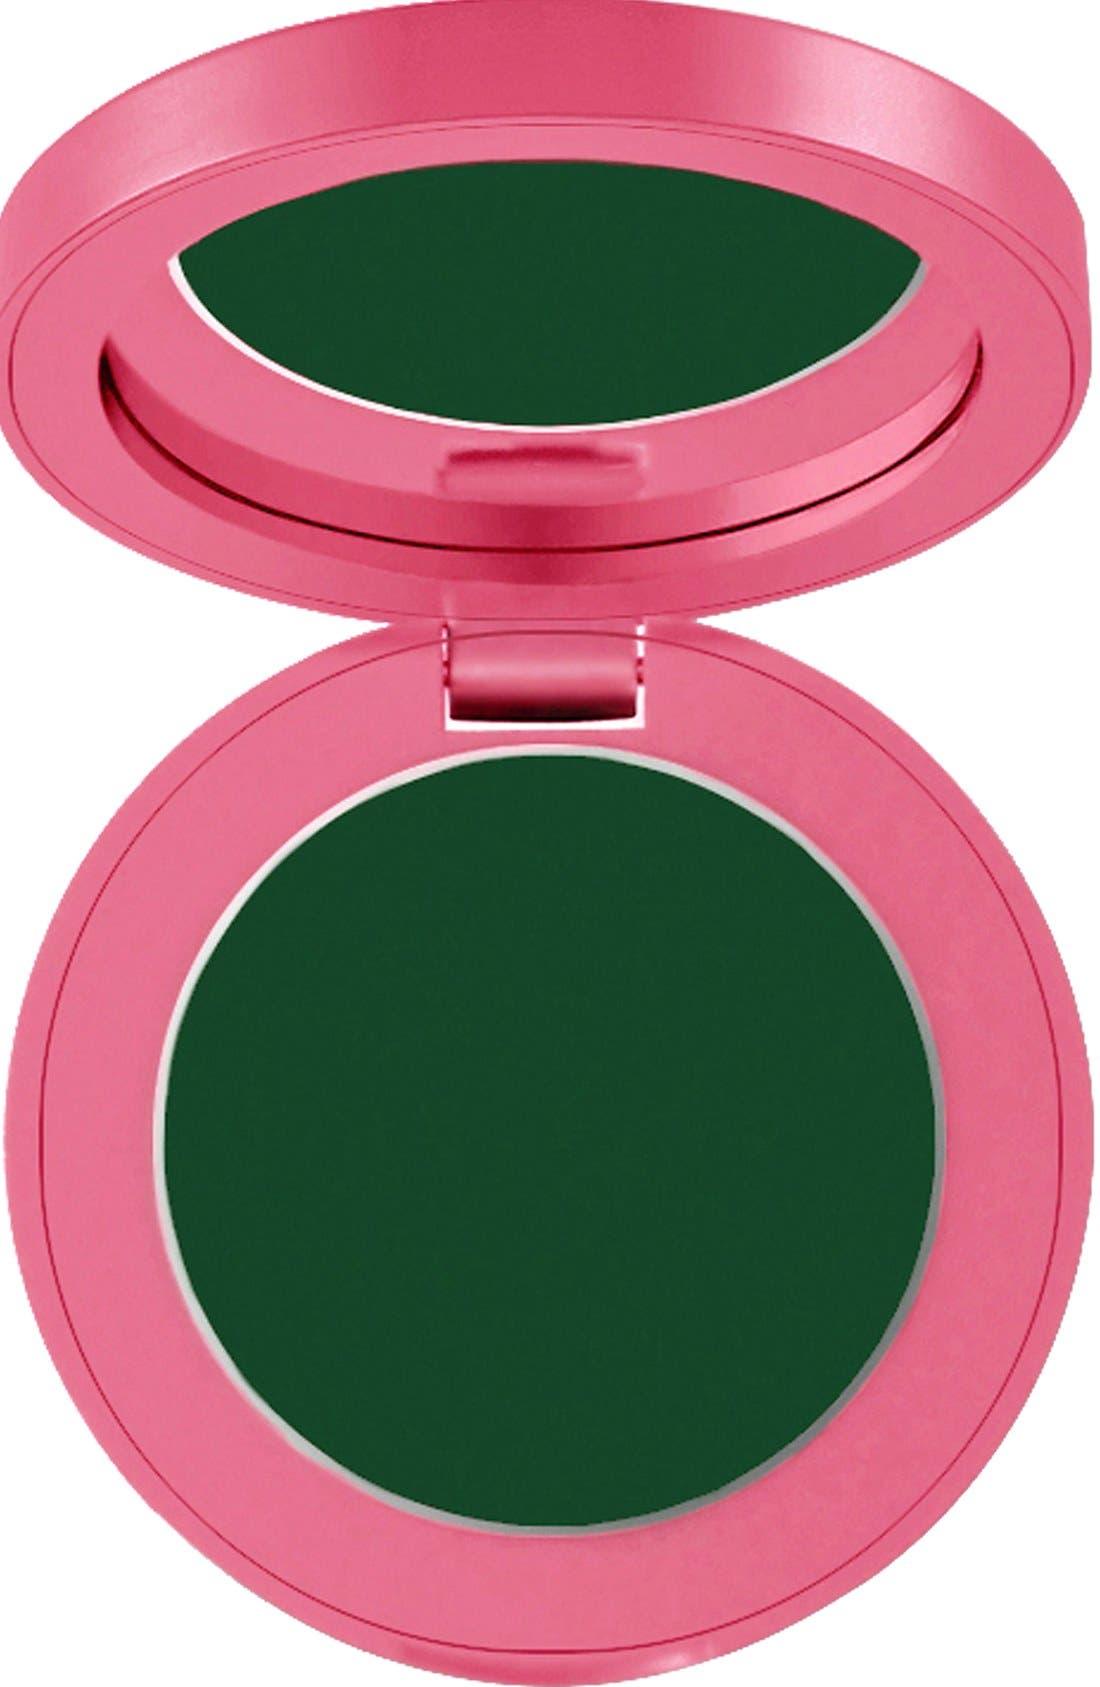 SPACE.NK.apothecary Lipstick Queen Frog Prince Cream Blush,                             Main thumbnail 1, color,